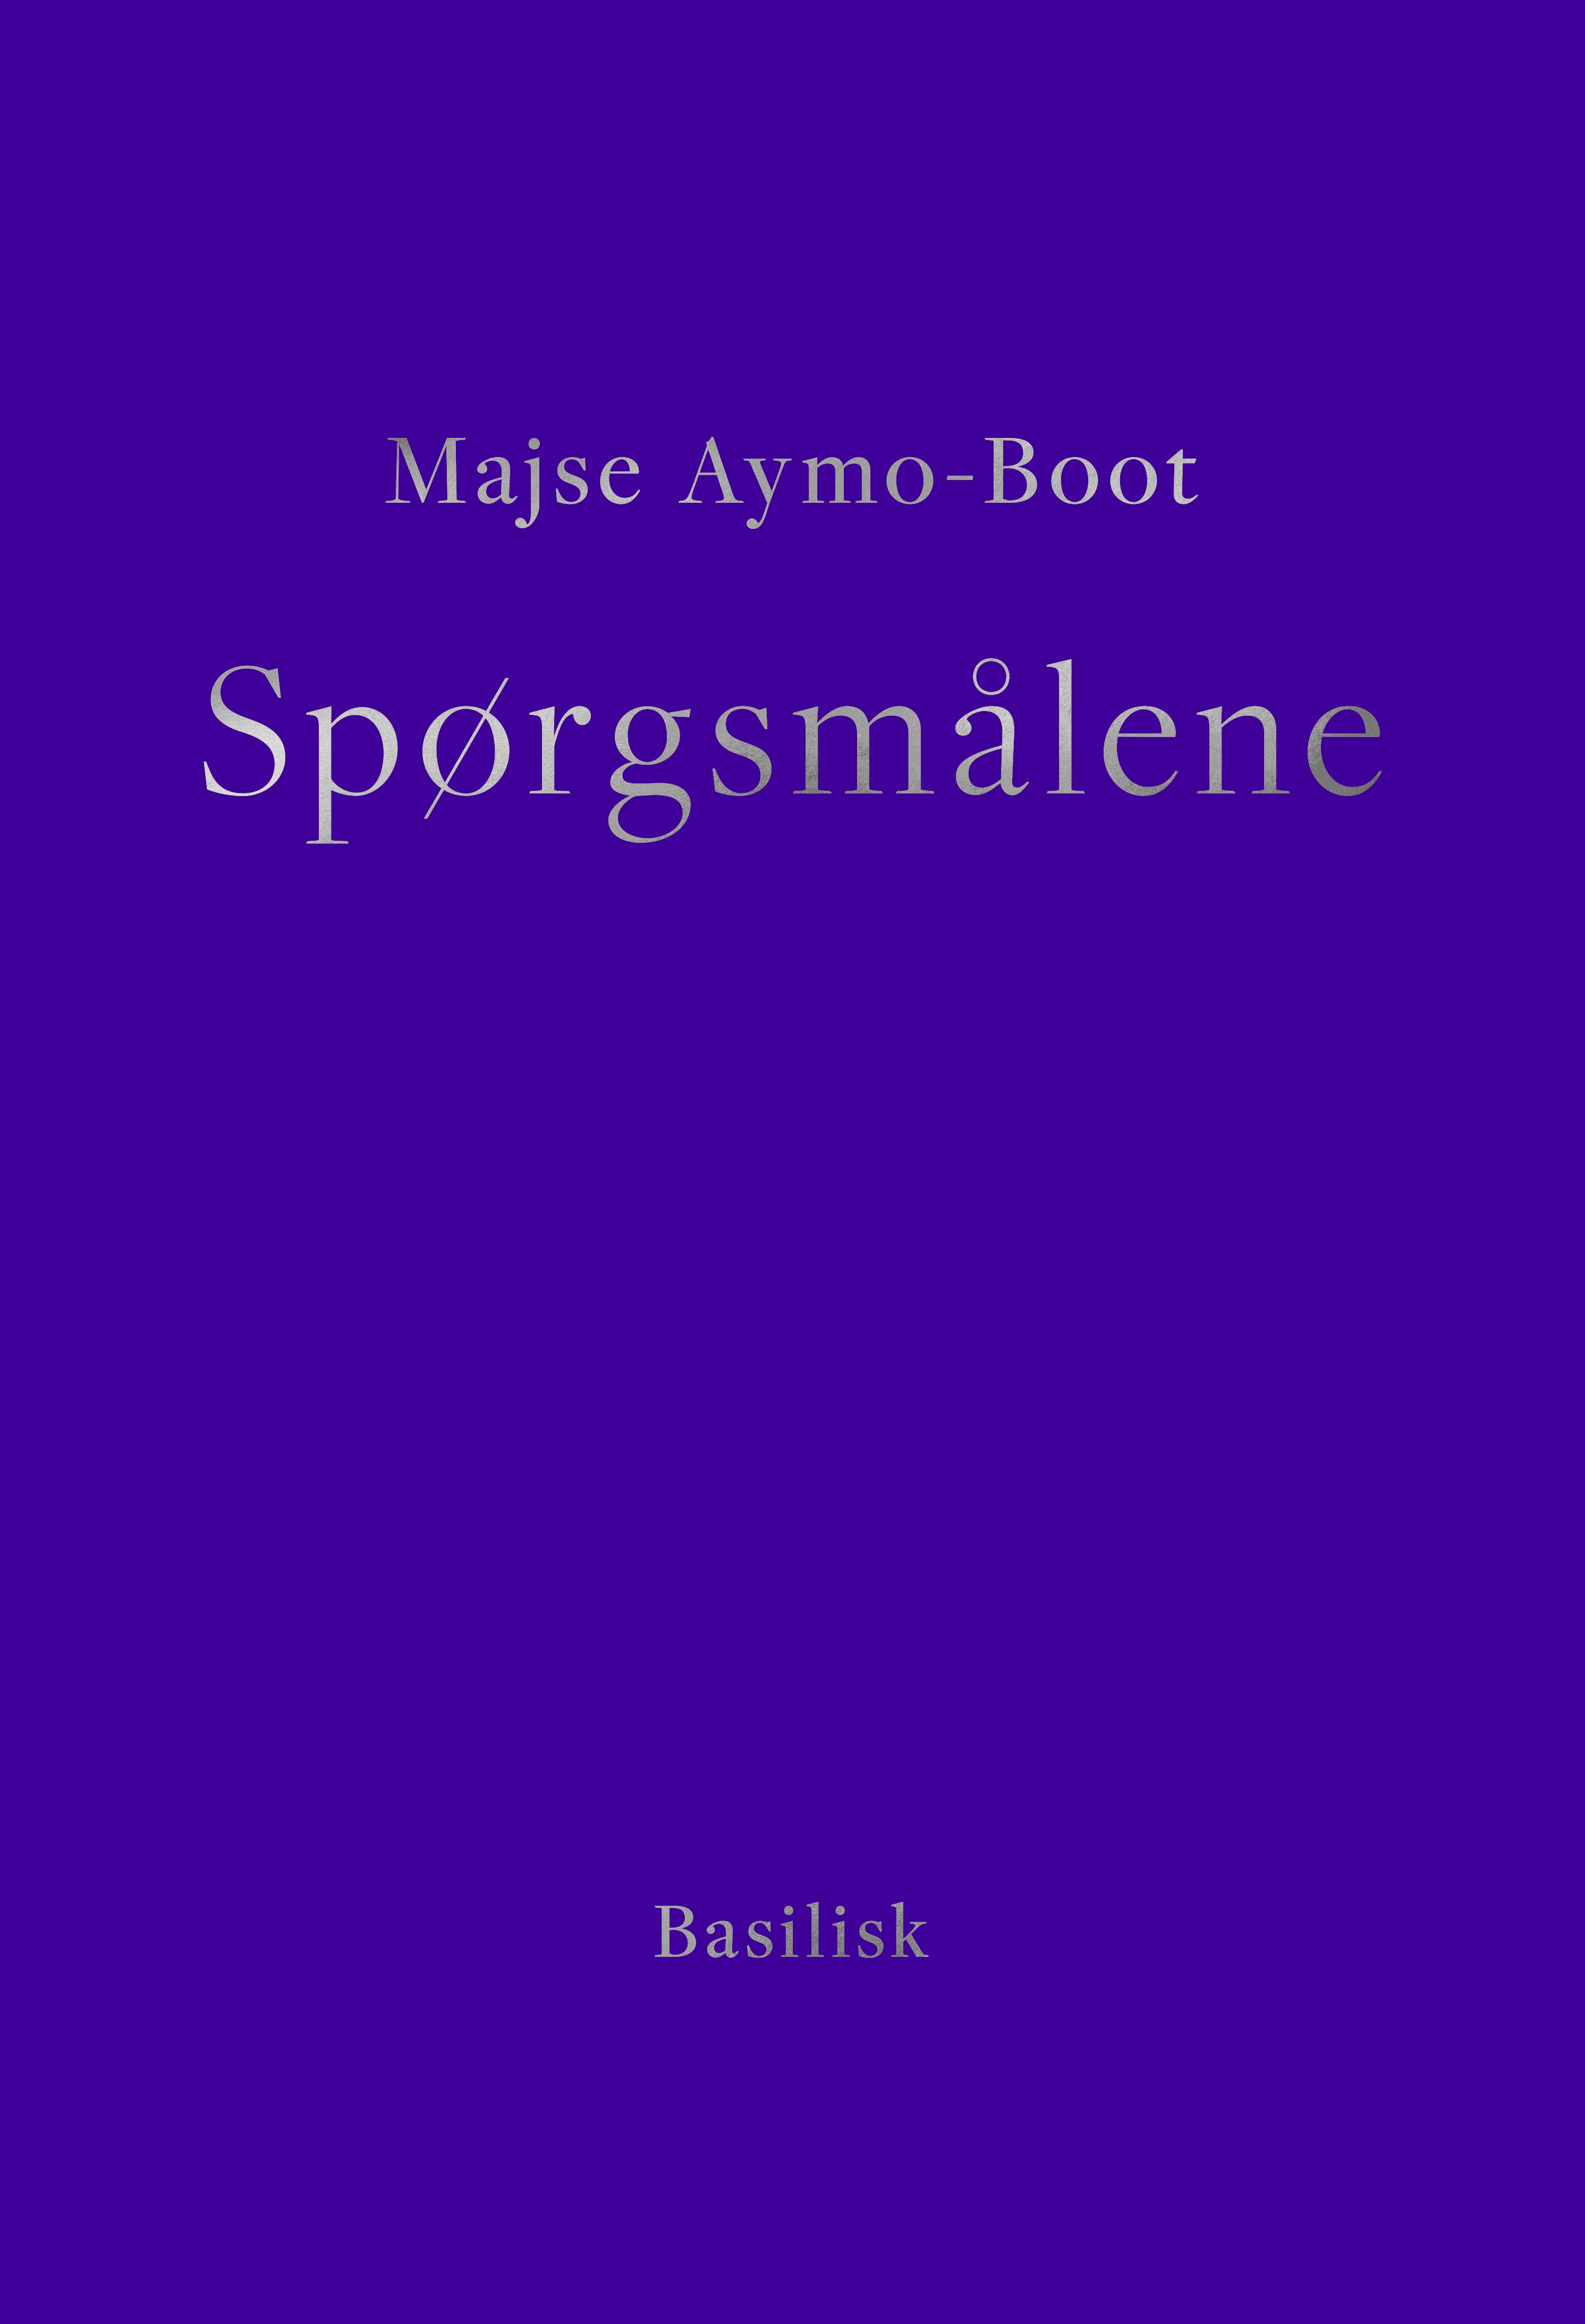 Serie B: Spørgsmålene - Majse Aymo-Boot - Bøger - Forlaget Basilsik - 9788793077812 - July 21, 2021